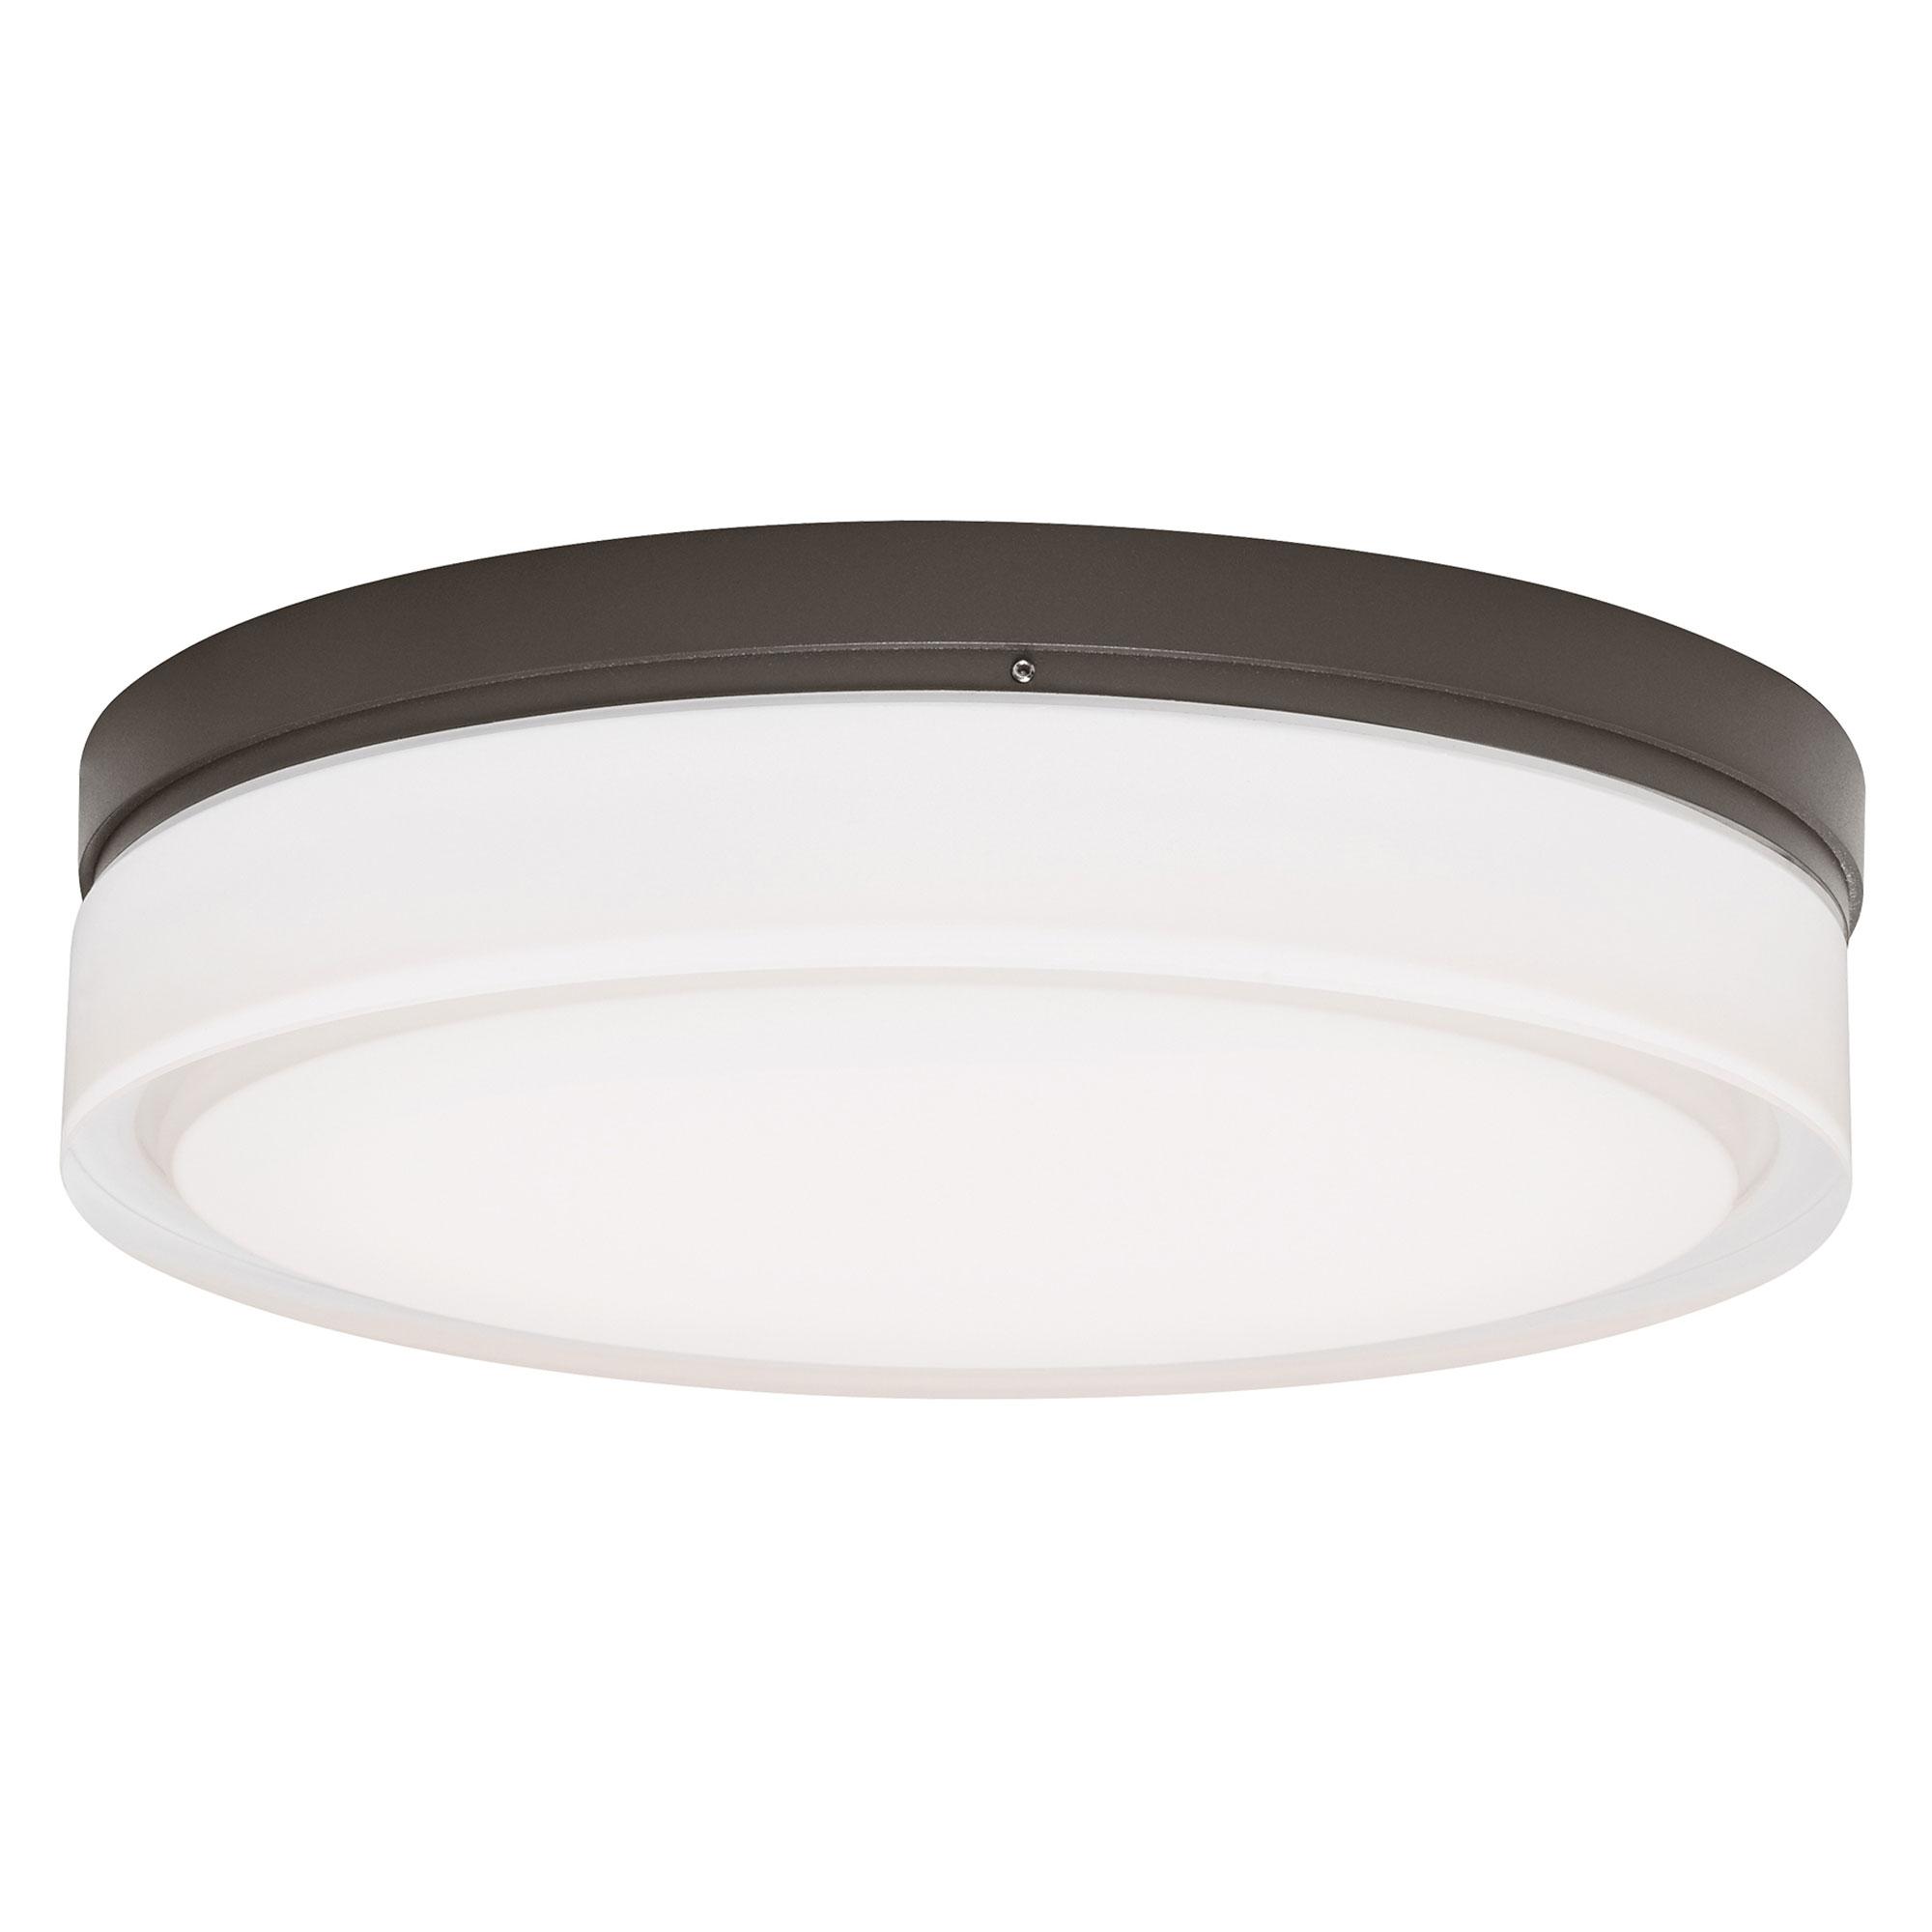 Cirque Halogen Ceiling Light Fixture By Tech Lighting 700cqlz